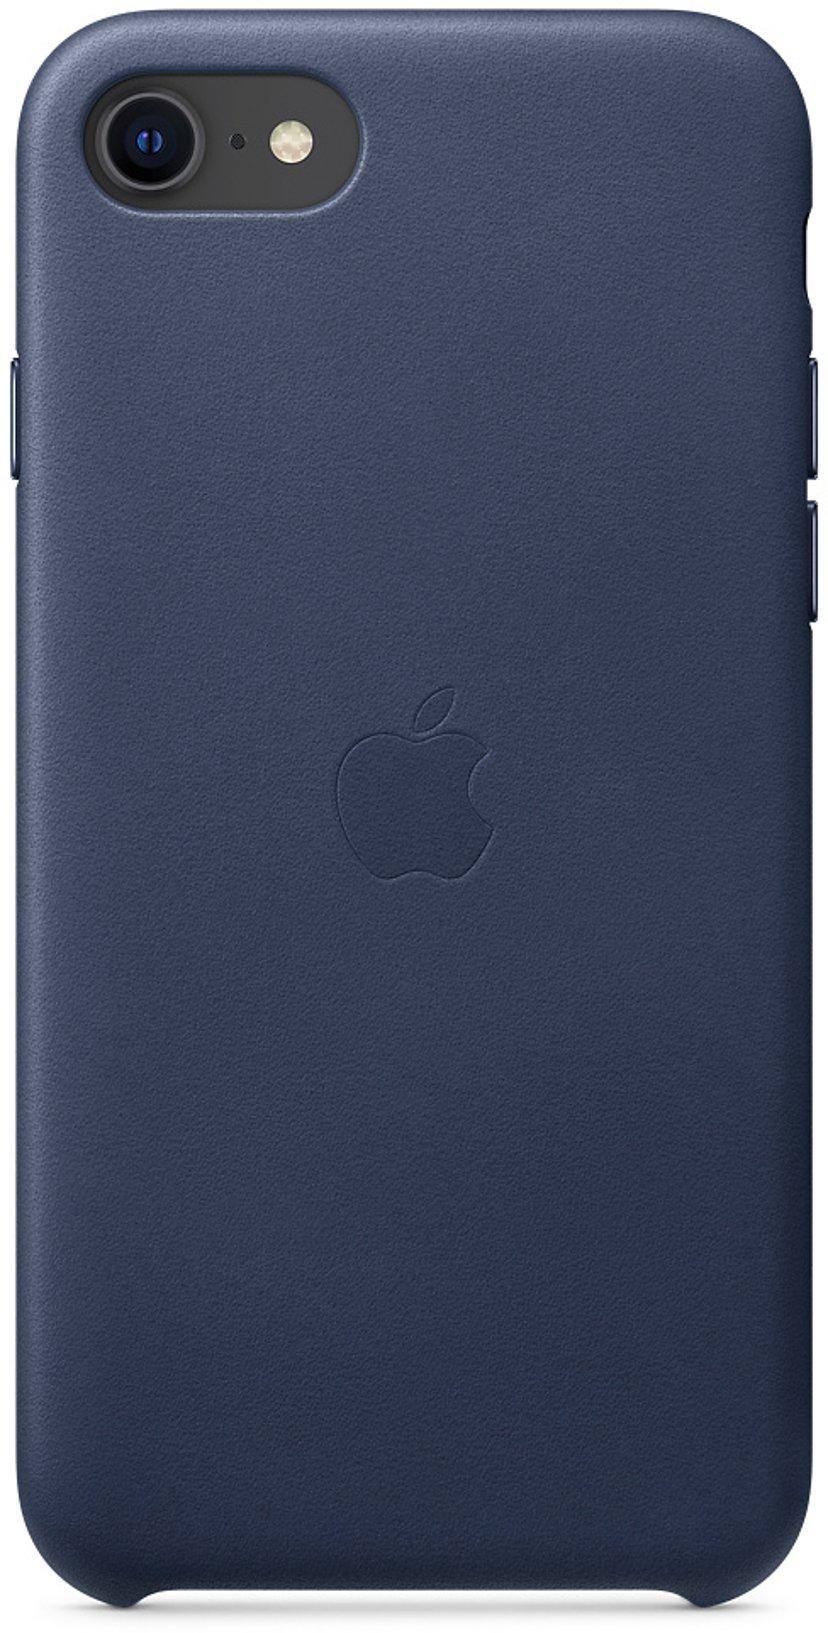 Apple Baksidedeksel for mobiltelefon iPhone SE (2020) Midnattsblå